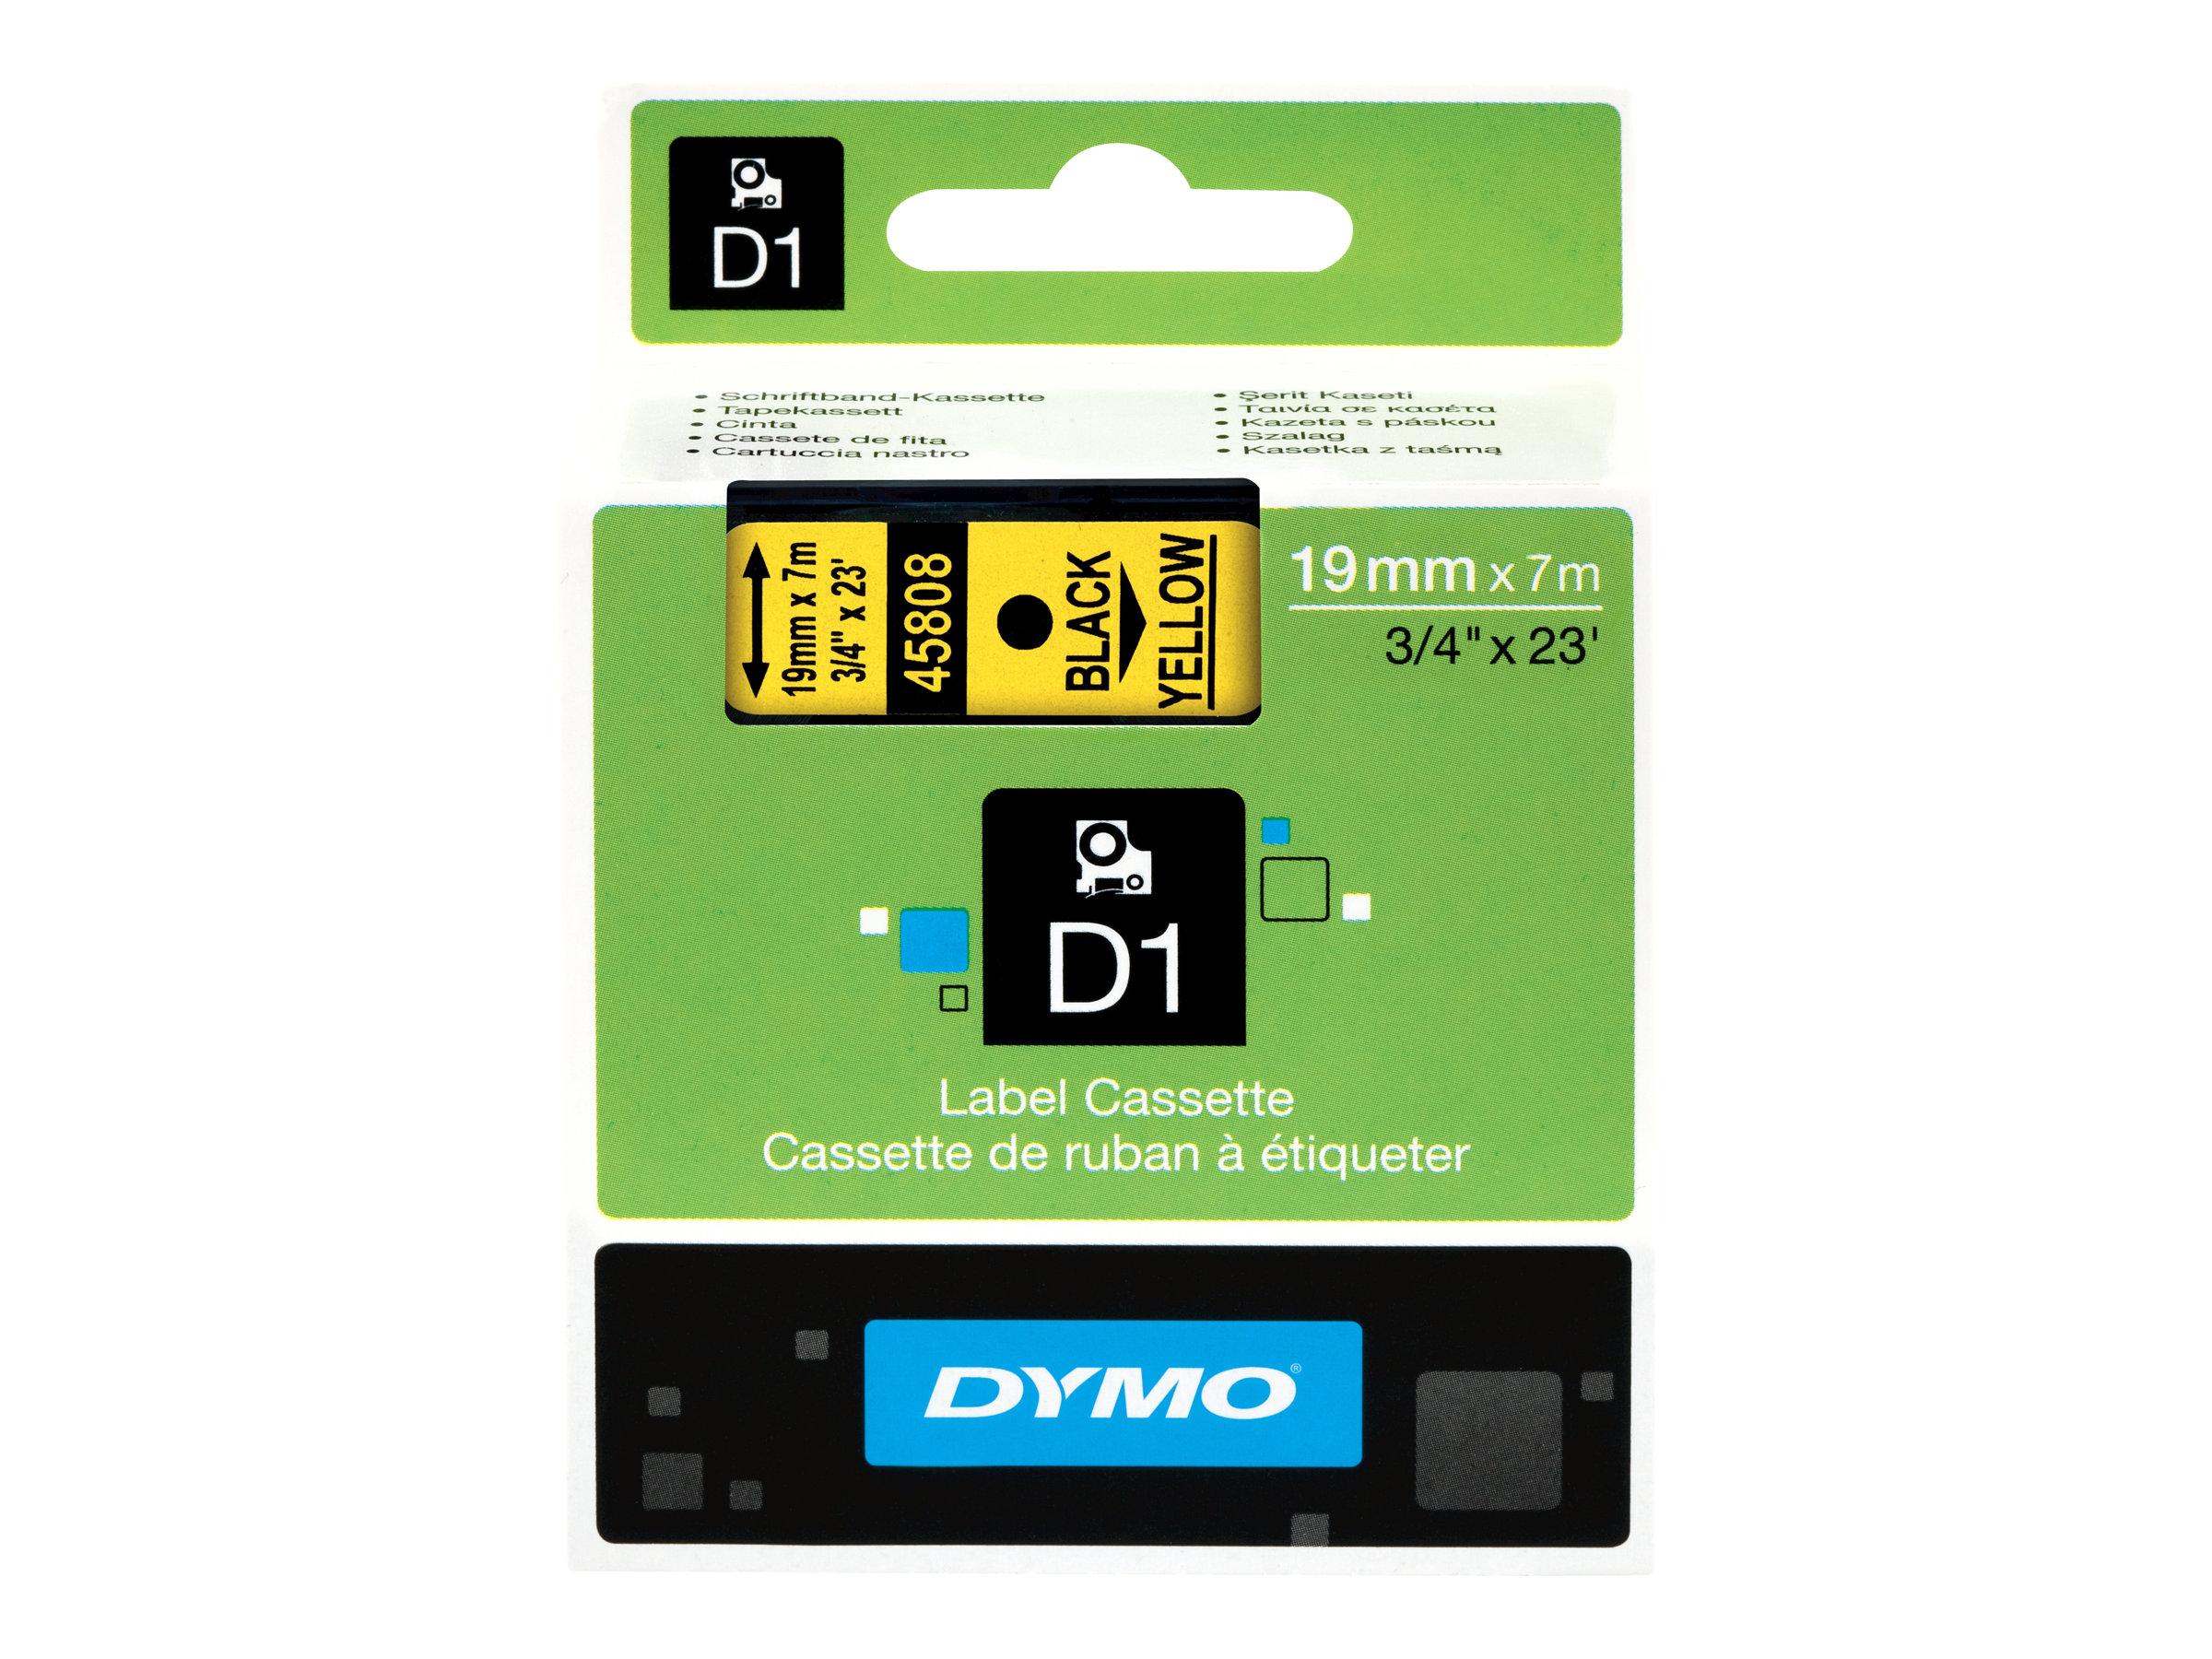 DYMO D1 - Selbstklebend - Schwarz auf Gelb - Rolle (1,9 cm x 7 m) 1 Rolle(n) Etikettenband - für LabelMANAGER 360D, 420P, 420P K